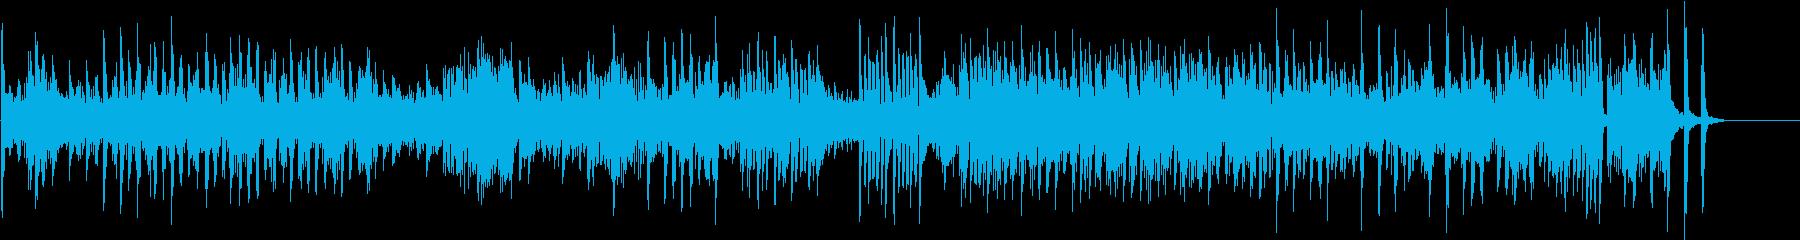 疾走感あふれるピアノの名曲「熊蜂の飛行」の再生済みの波形